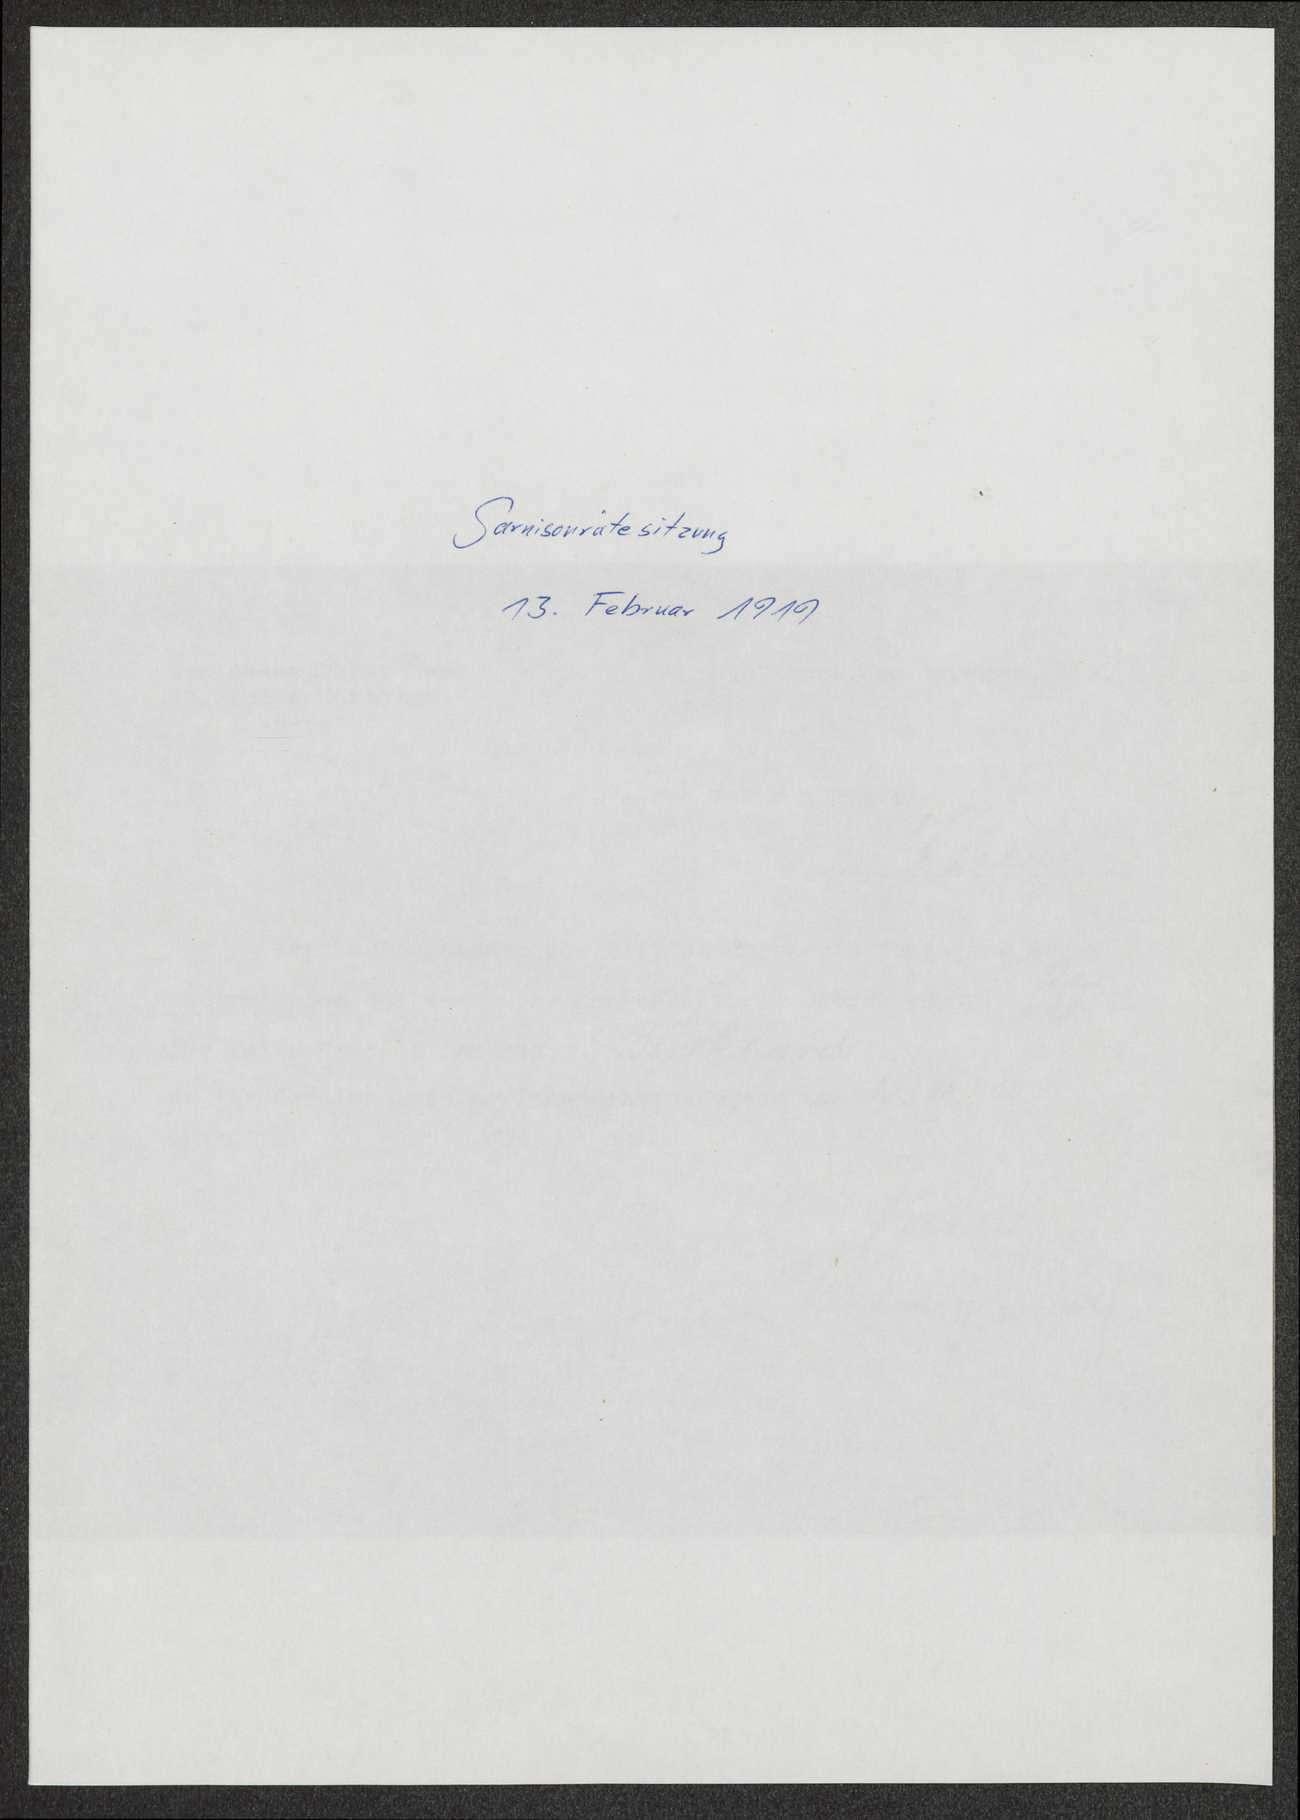 Sitzungen der Vorsitzenden der württembergischen Garnisonräte, Bild 3